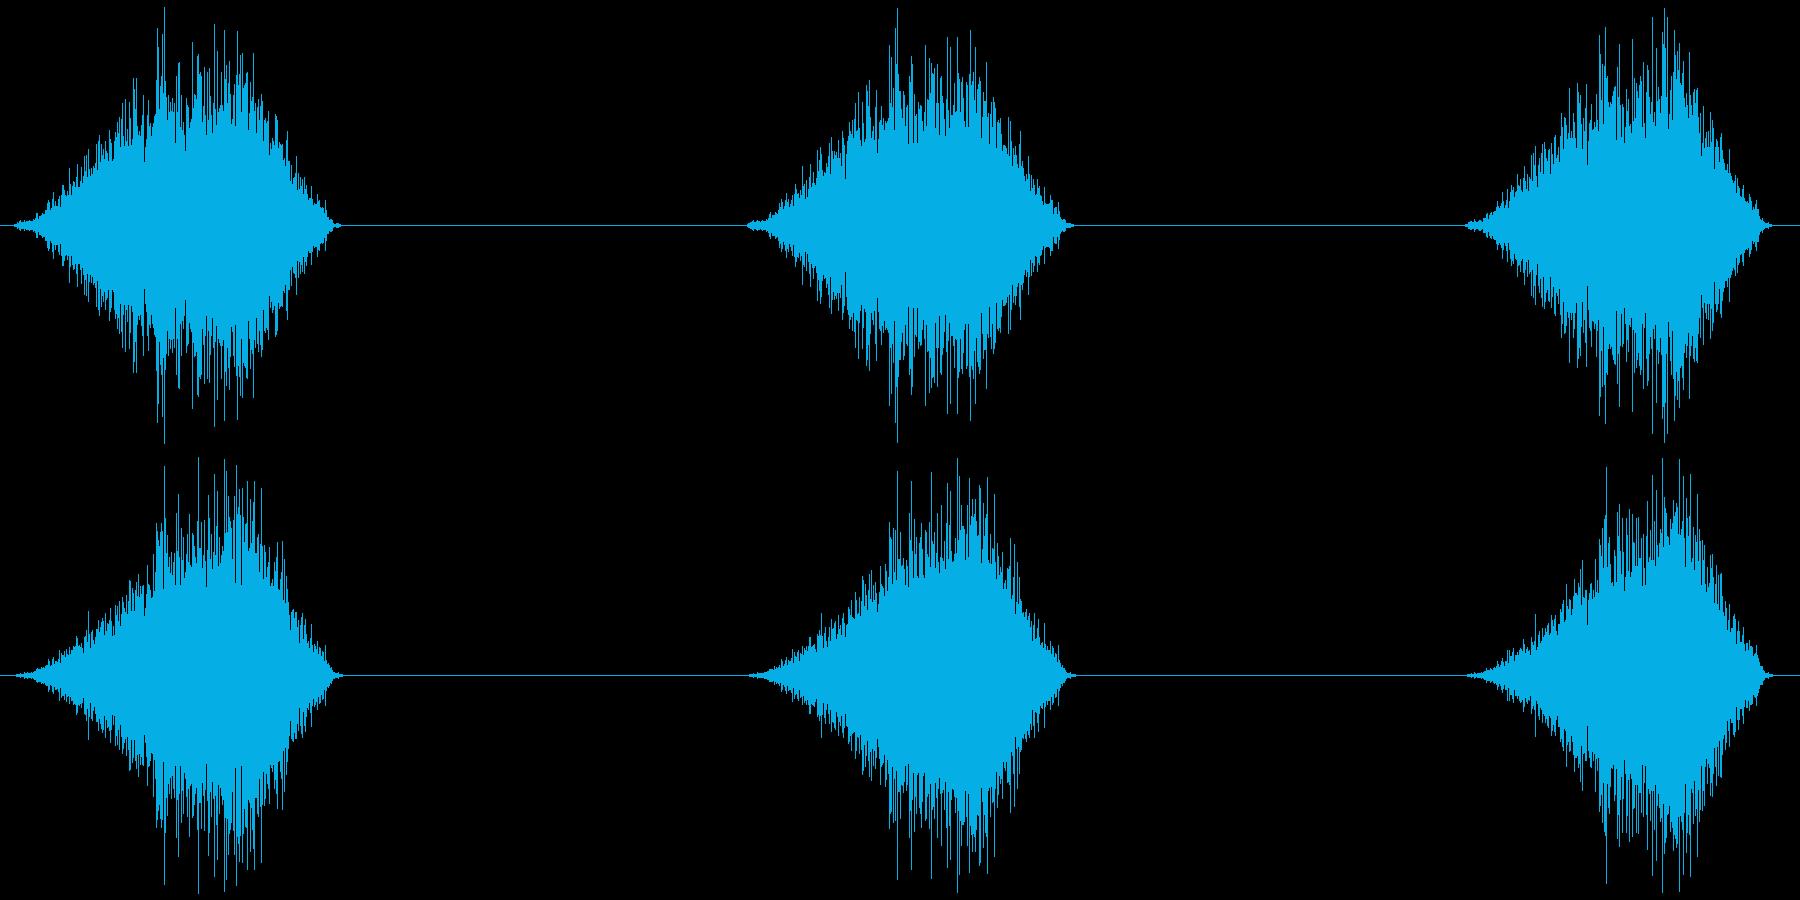 ほうき 掃く シャッ シャッ シャッの再生済みの波形